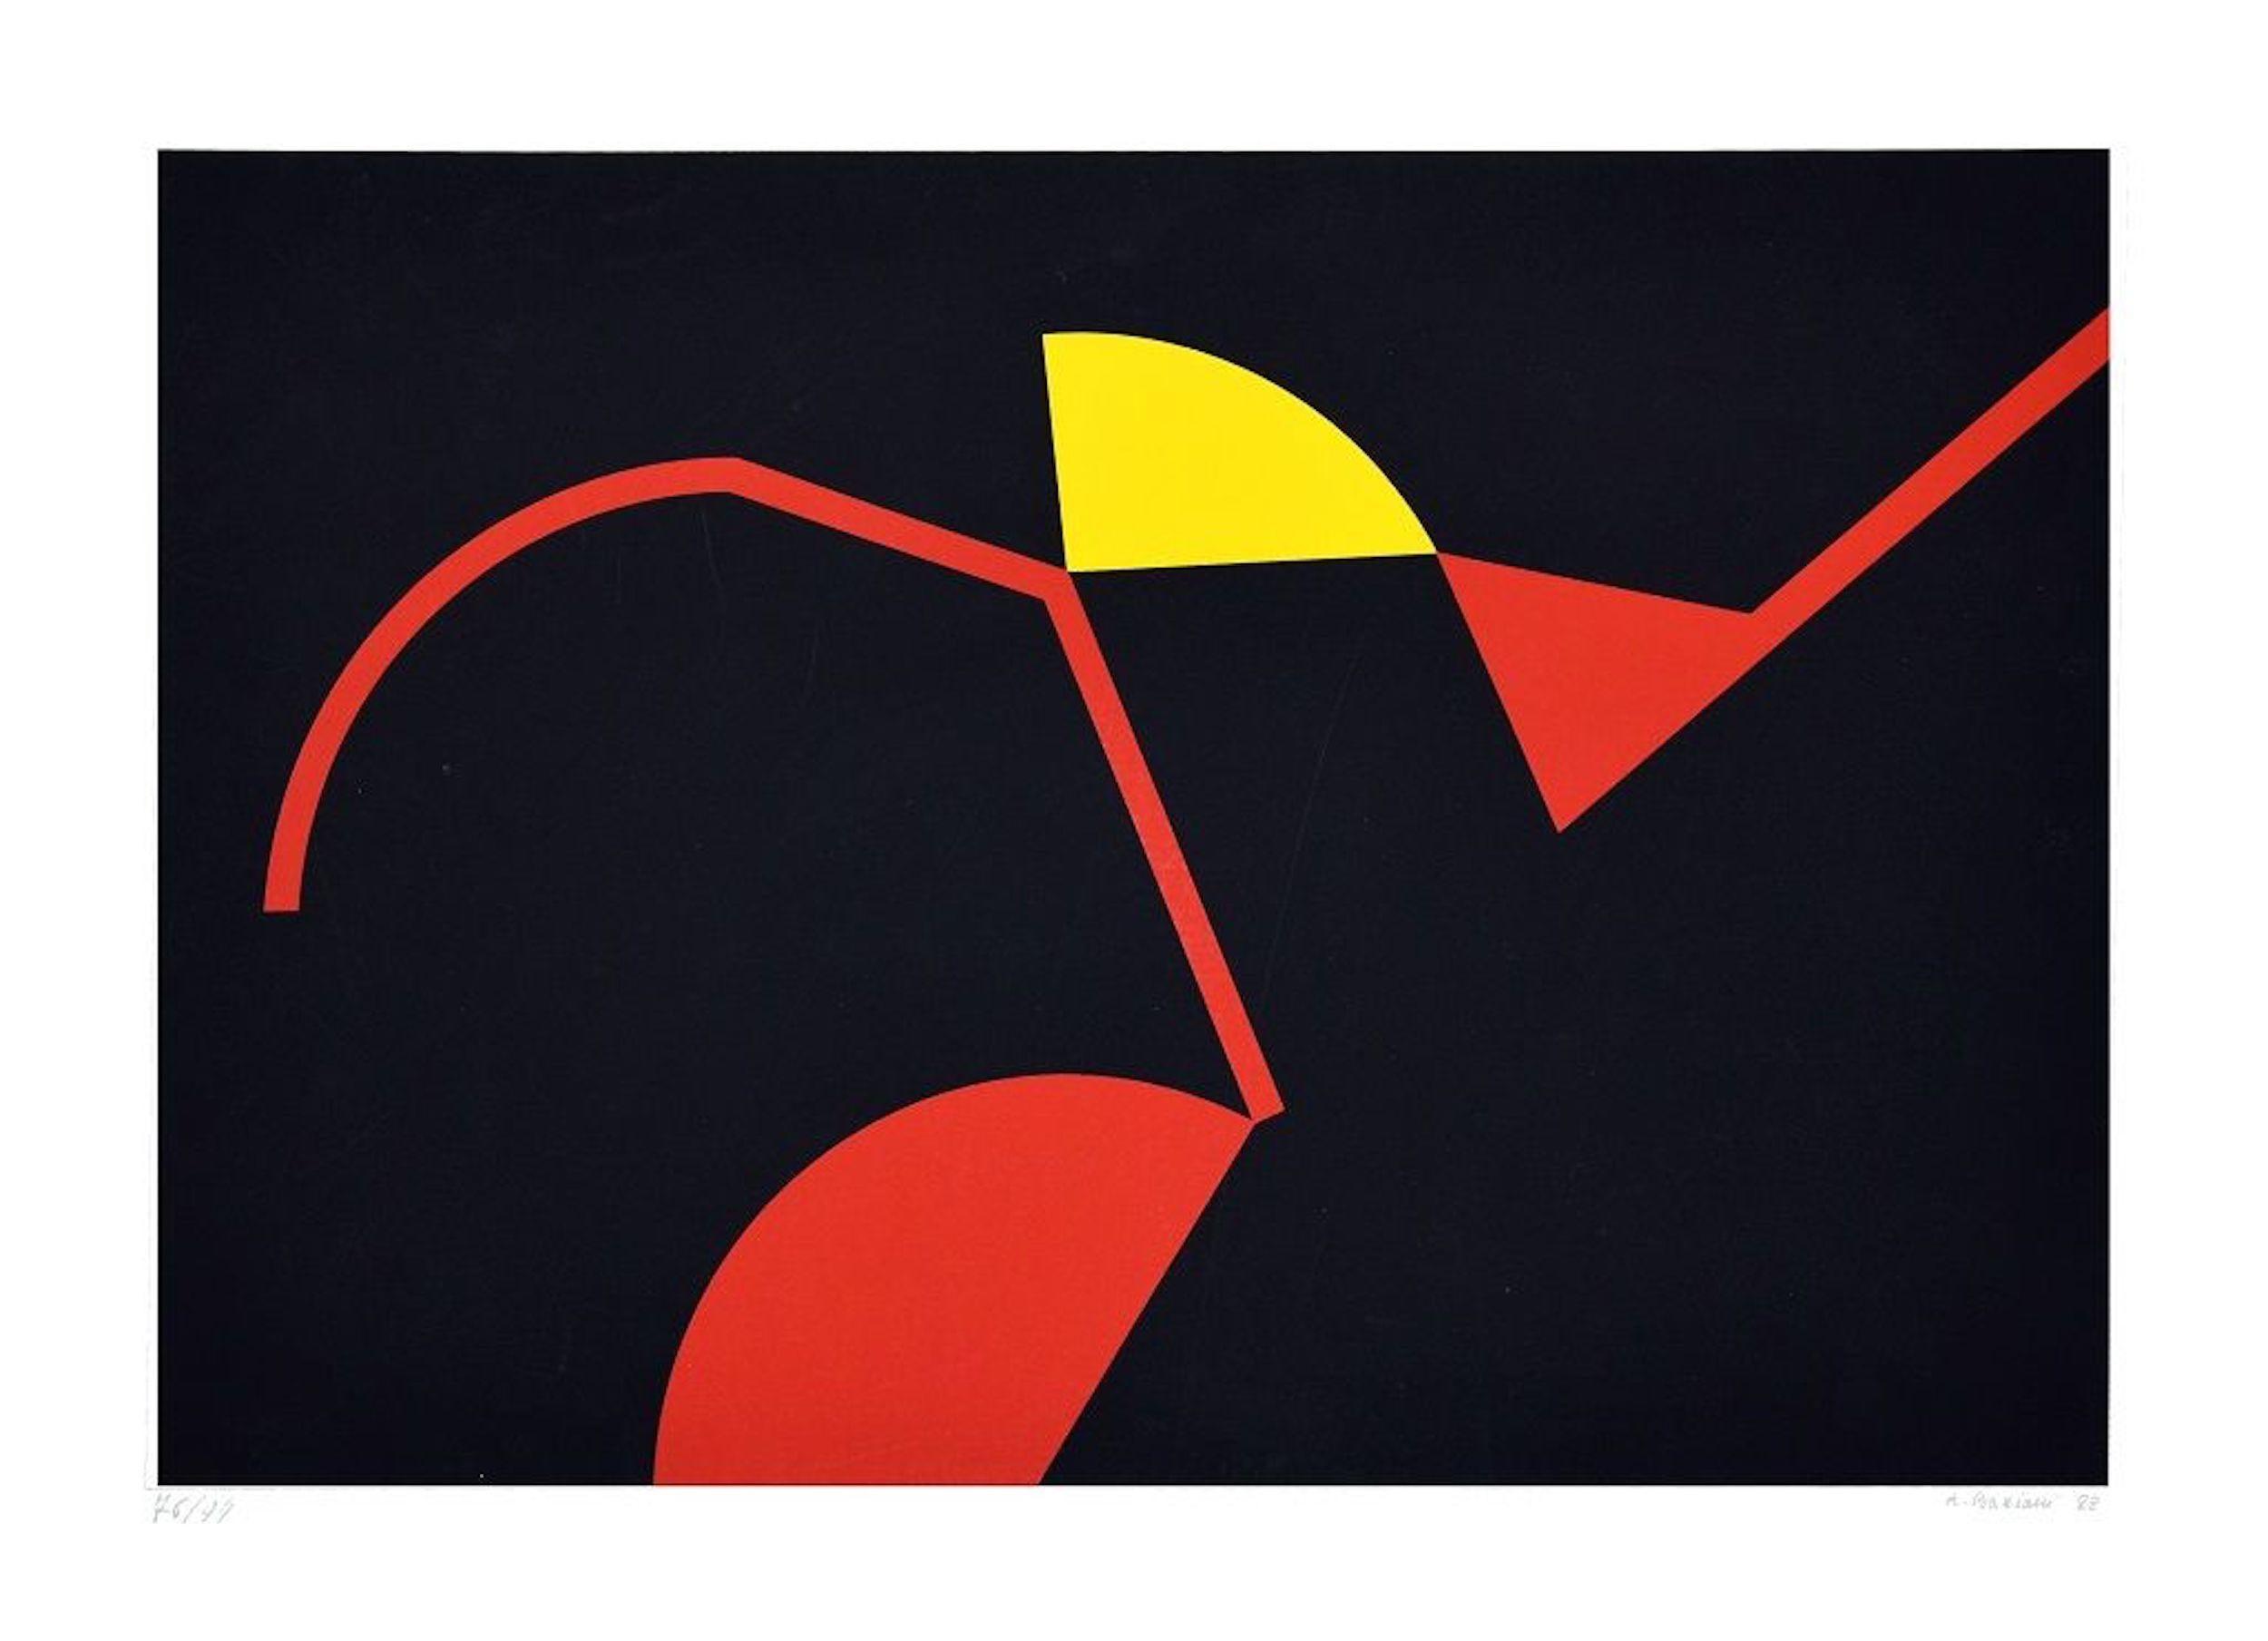 Tribal Colors - Original Screen Print by Renato Barisani - 1983